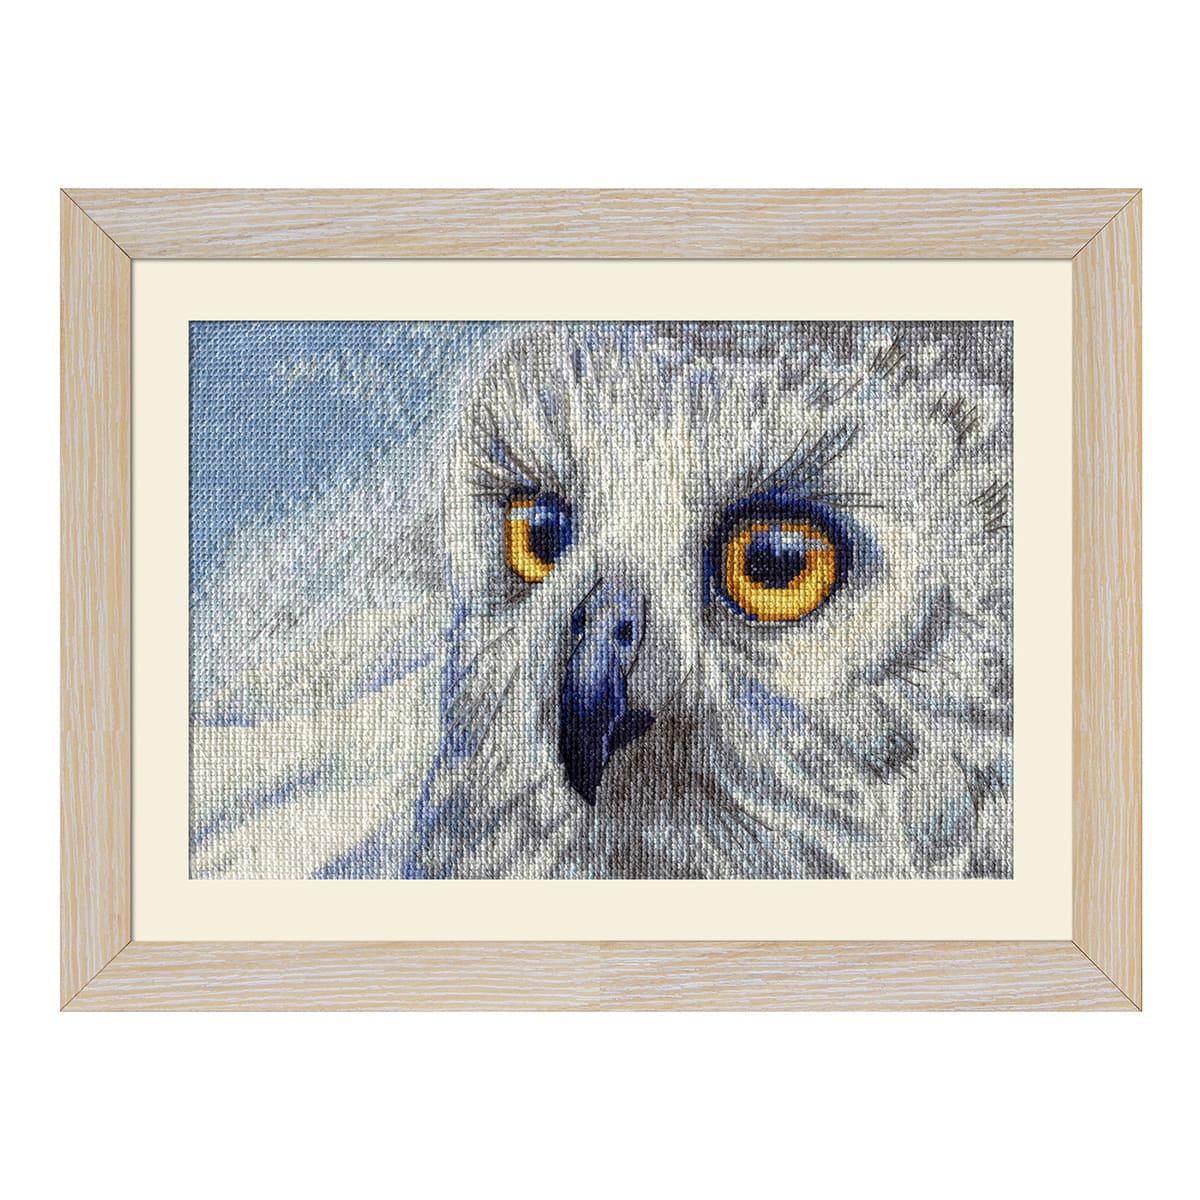 НВ5510 Набор для вышивания 'Полярная сова' 25x15см